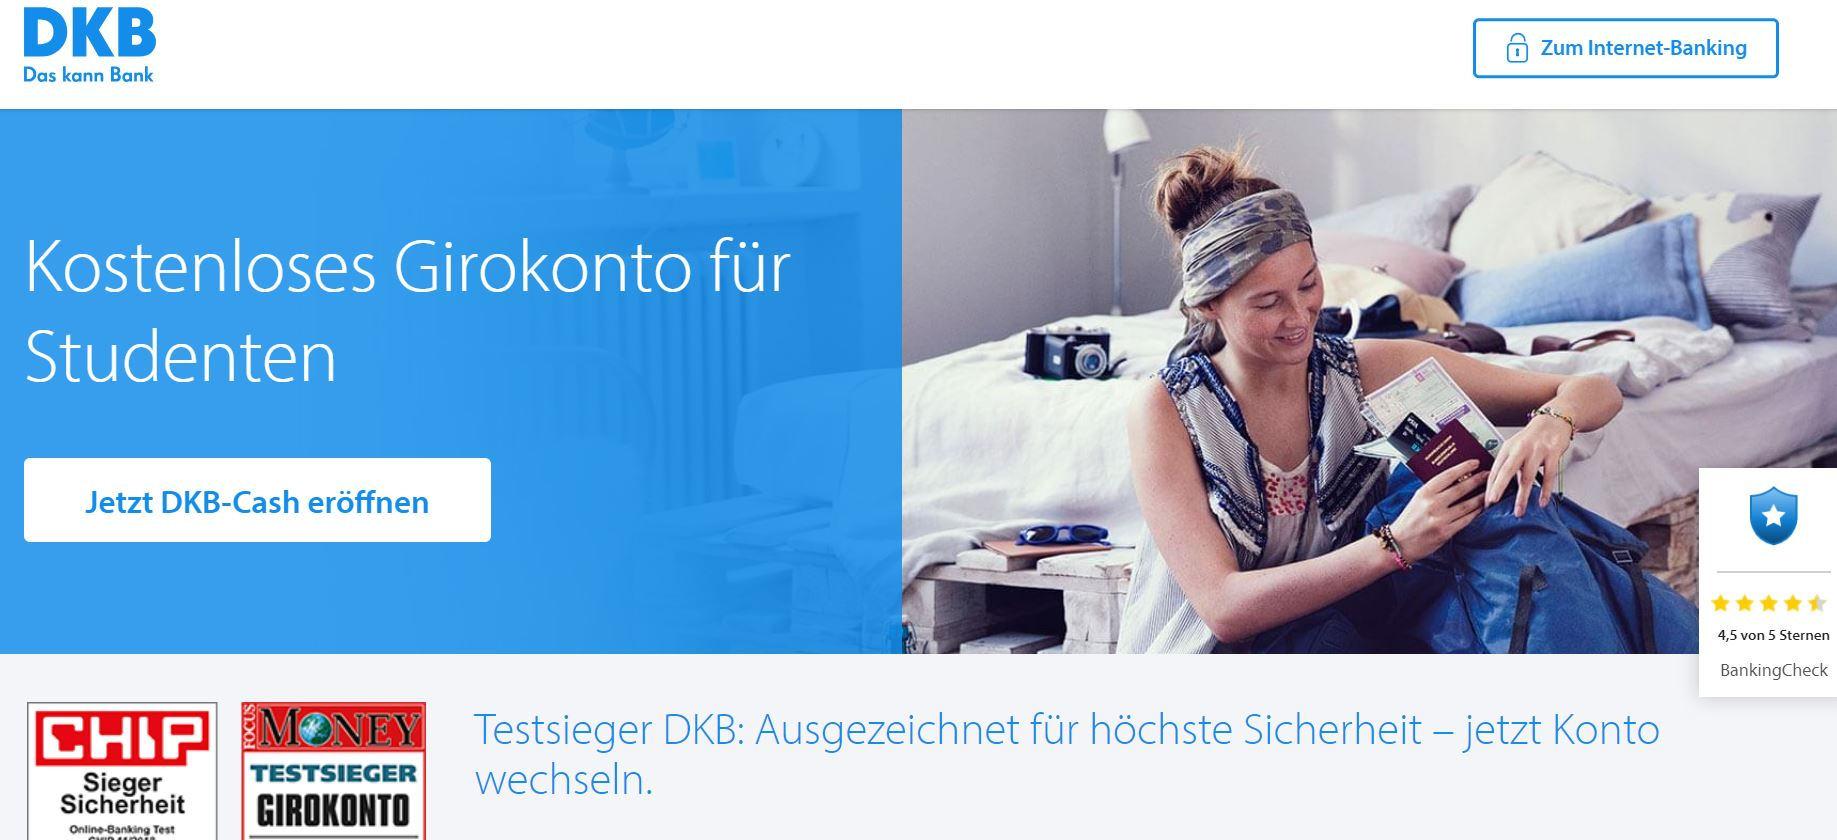 DKB Cash Girokonto für Studenten